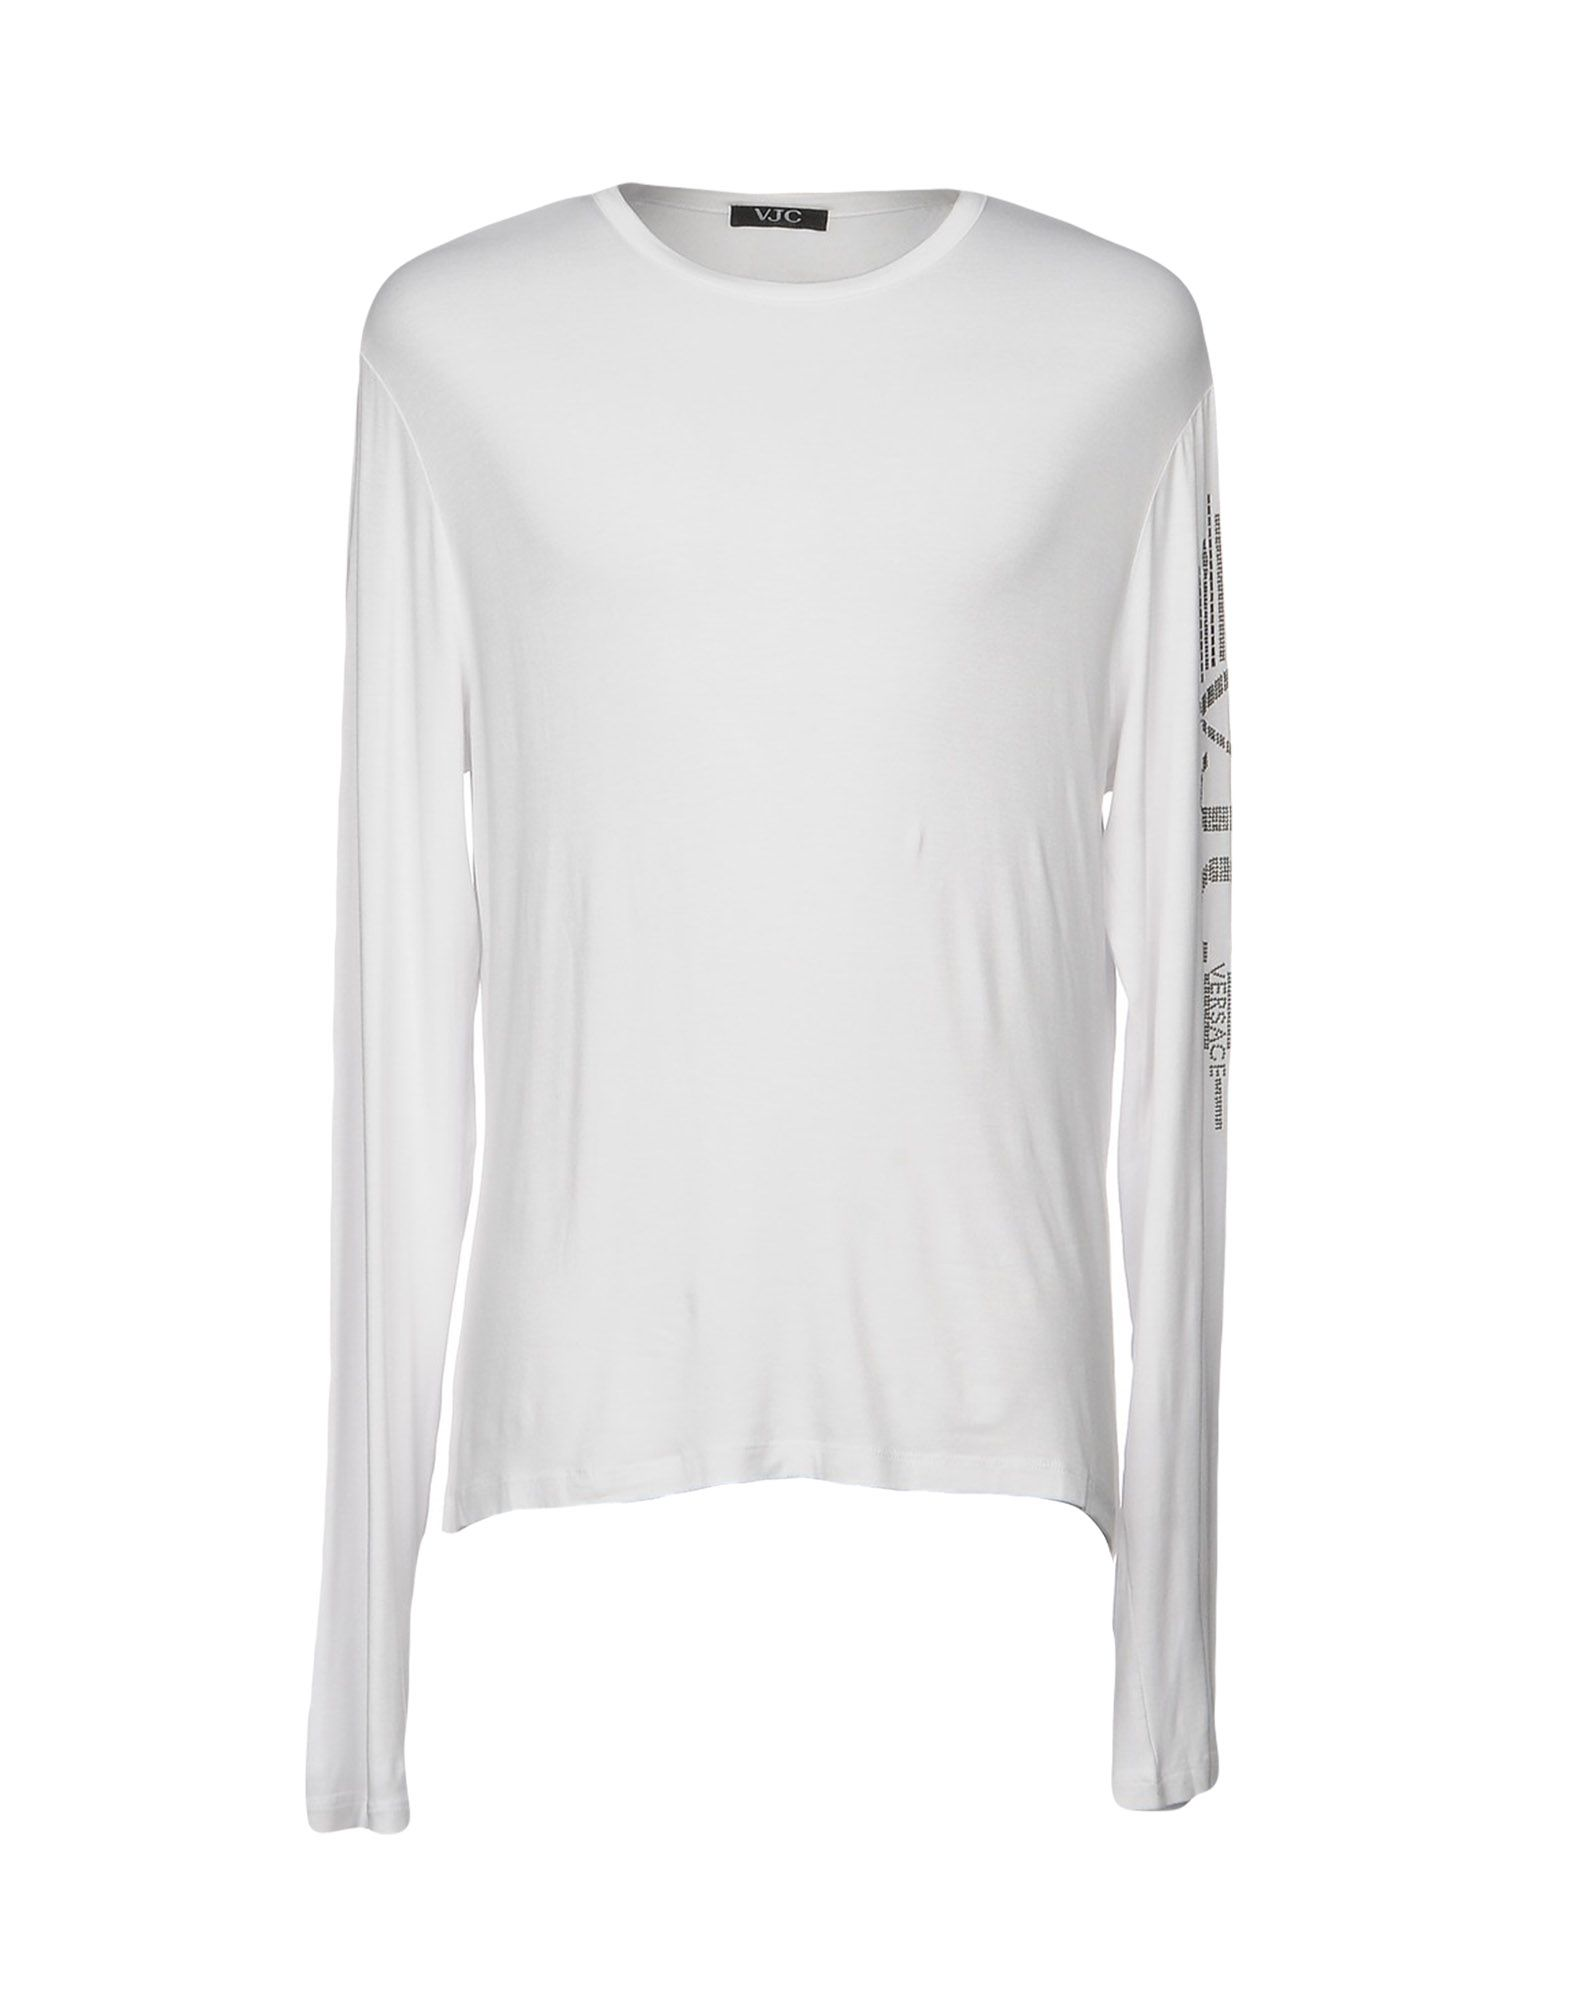 VERSACE JEANS COUTURE Футболка футболка versace jeans couture футболки с коротким рукавом